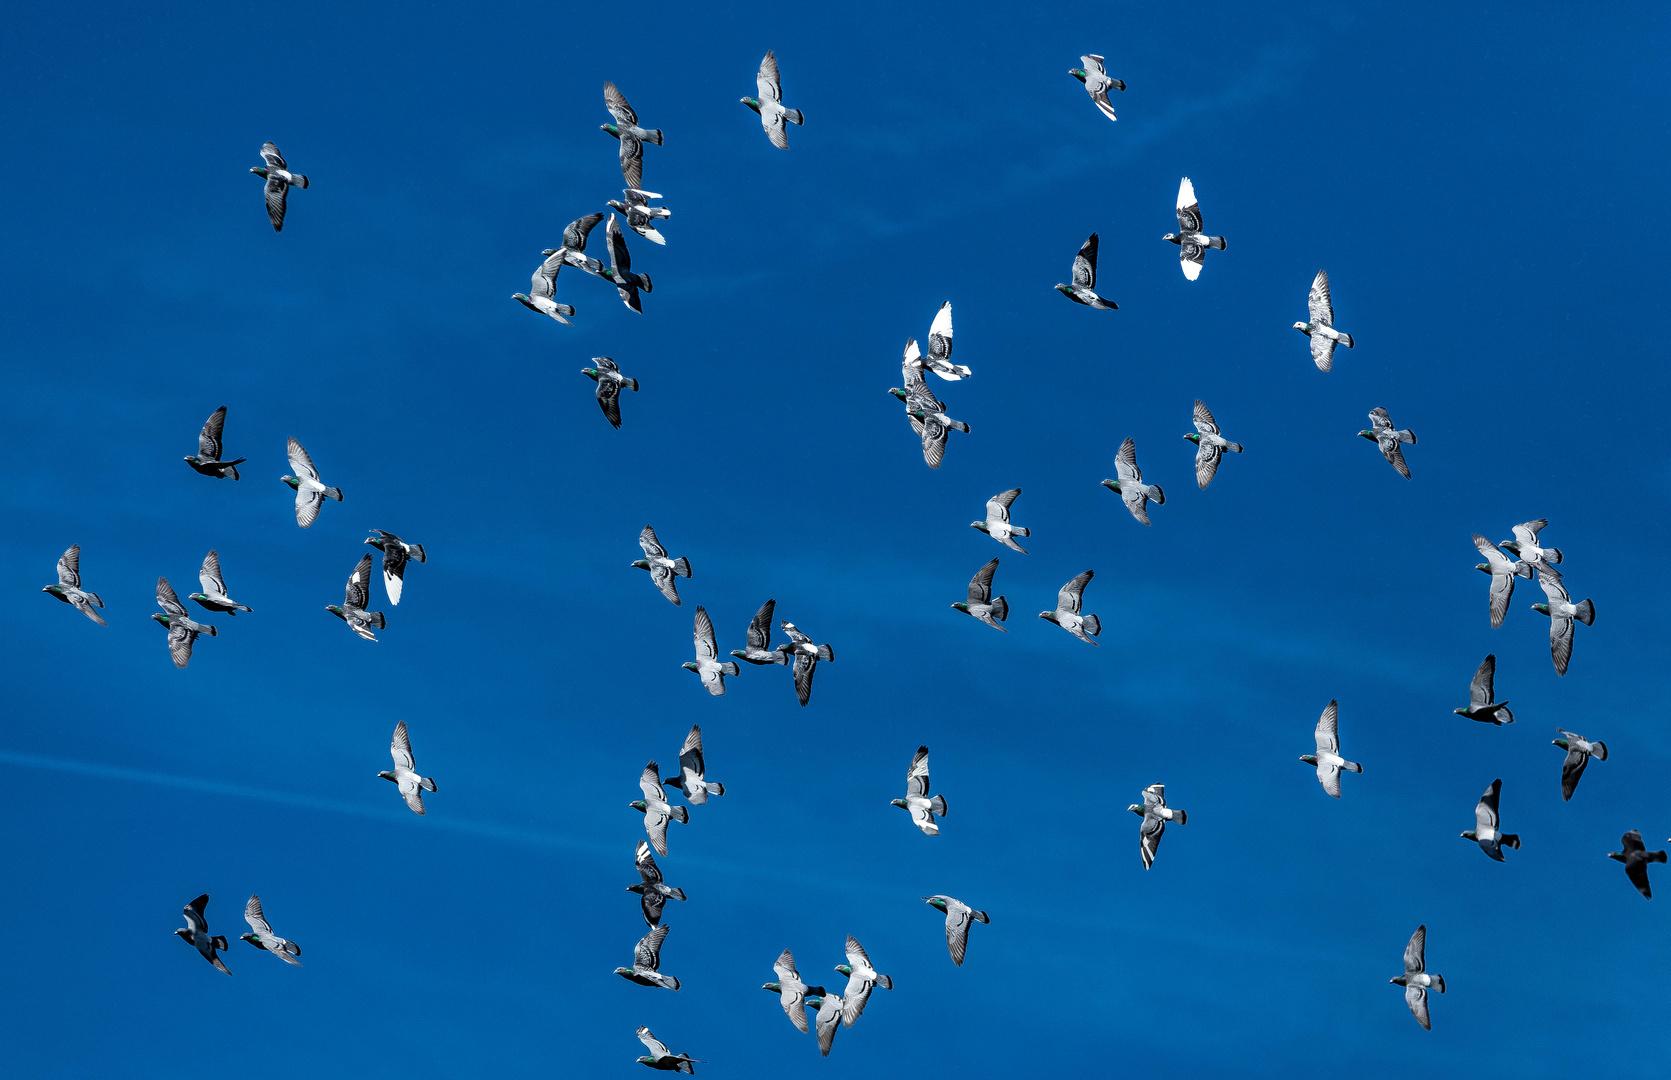 Les oiseaux - René François Sully Prudhomme A-vol-doiseau-4ce4816c-8654-4679-8bfa-de220410264d